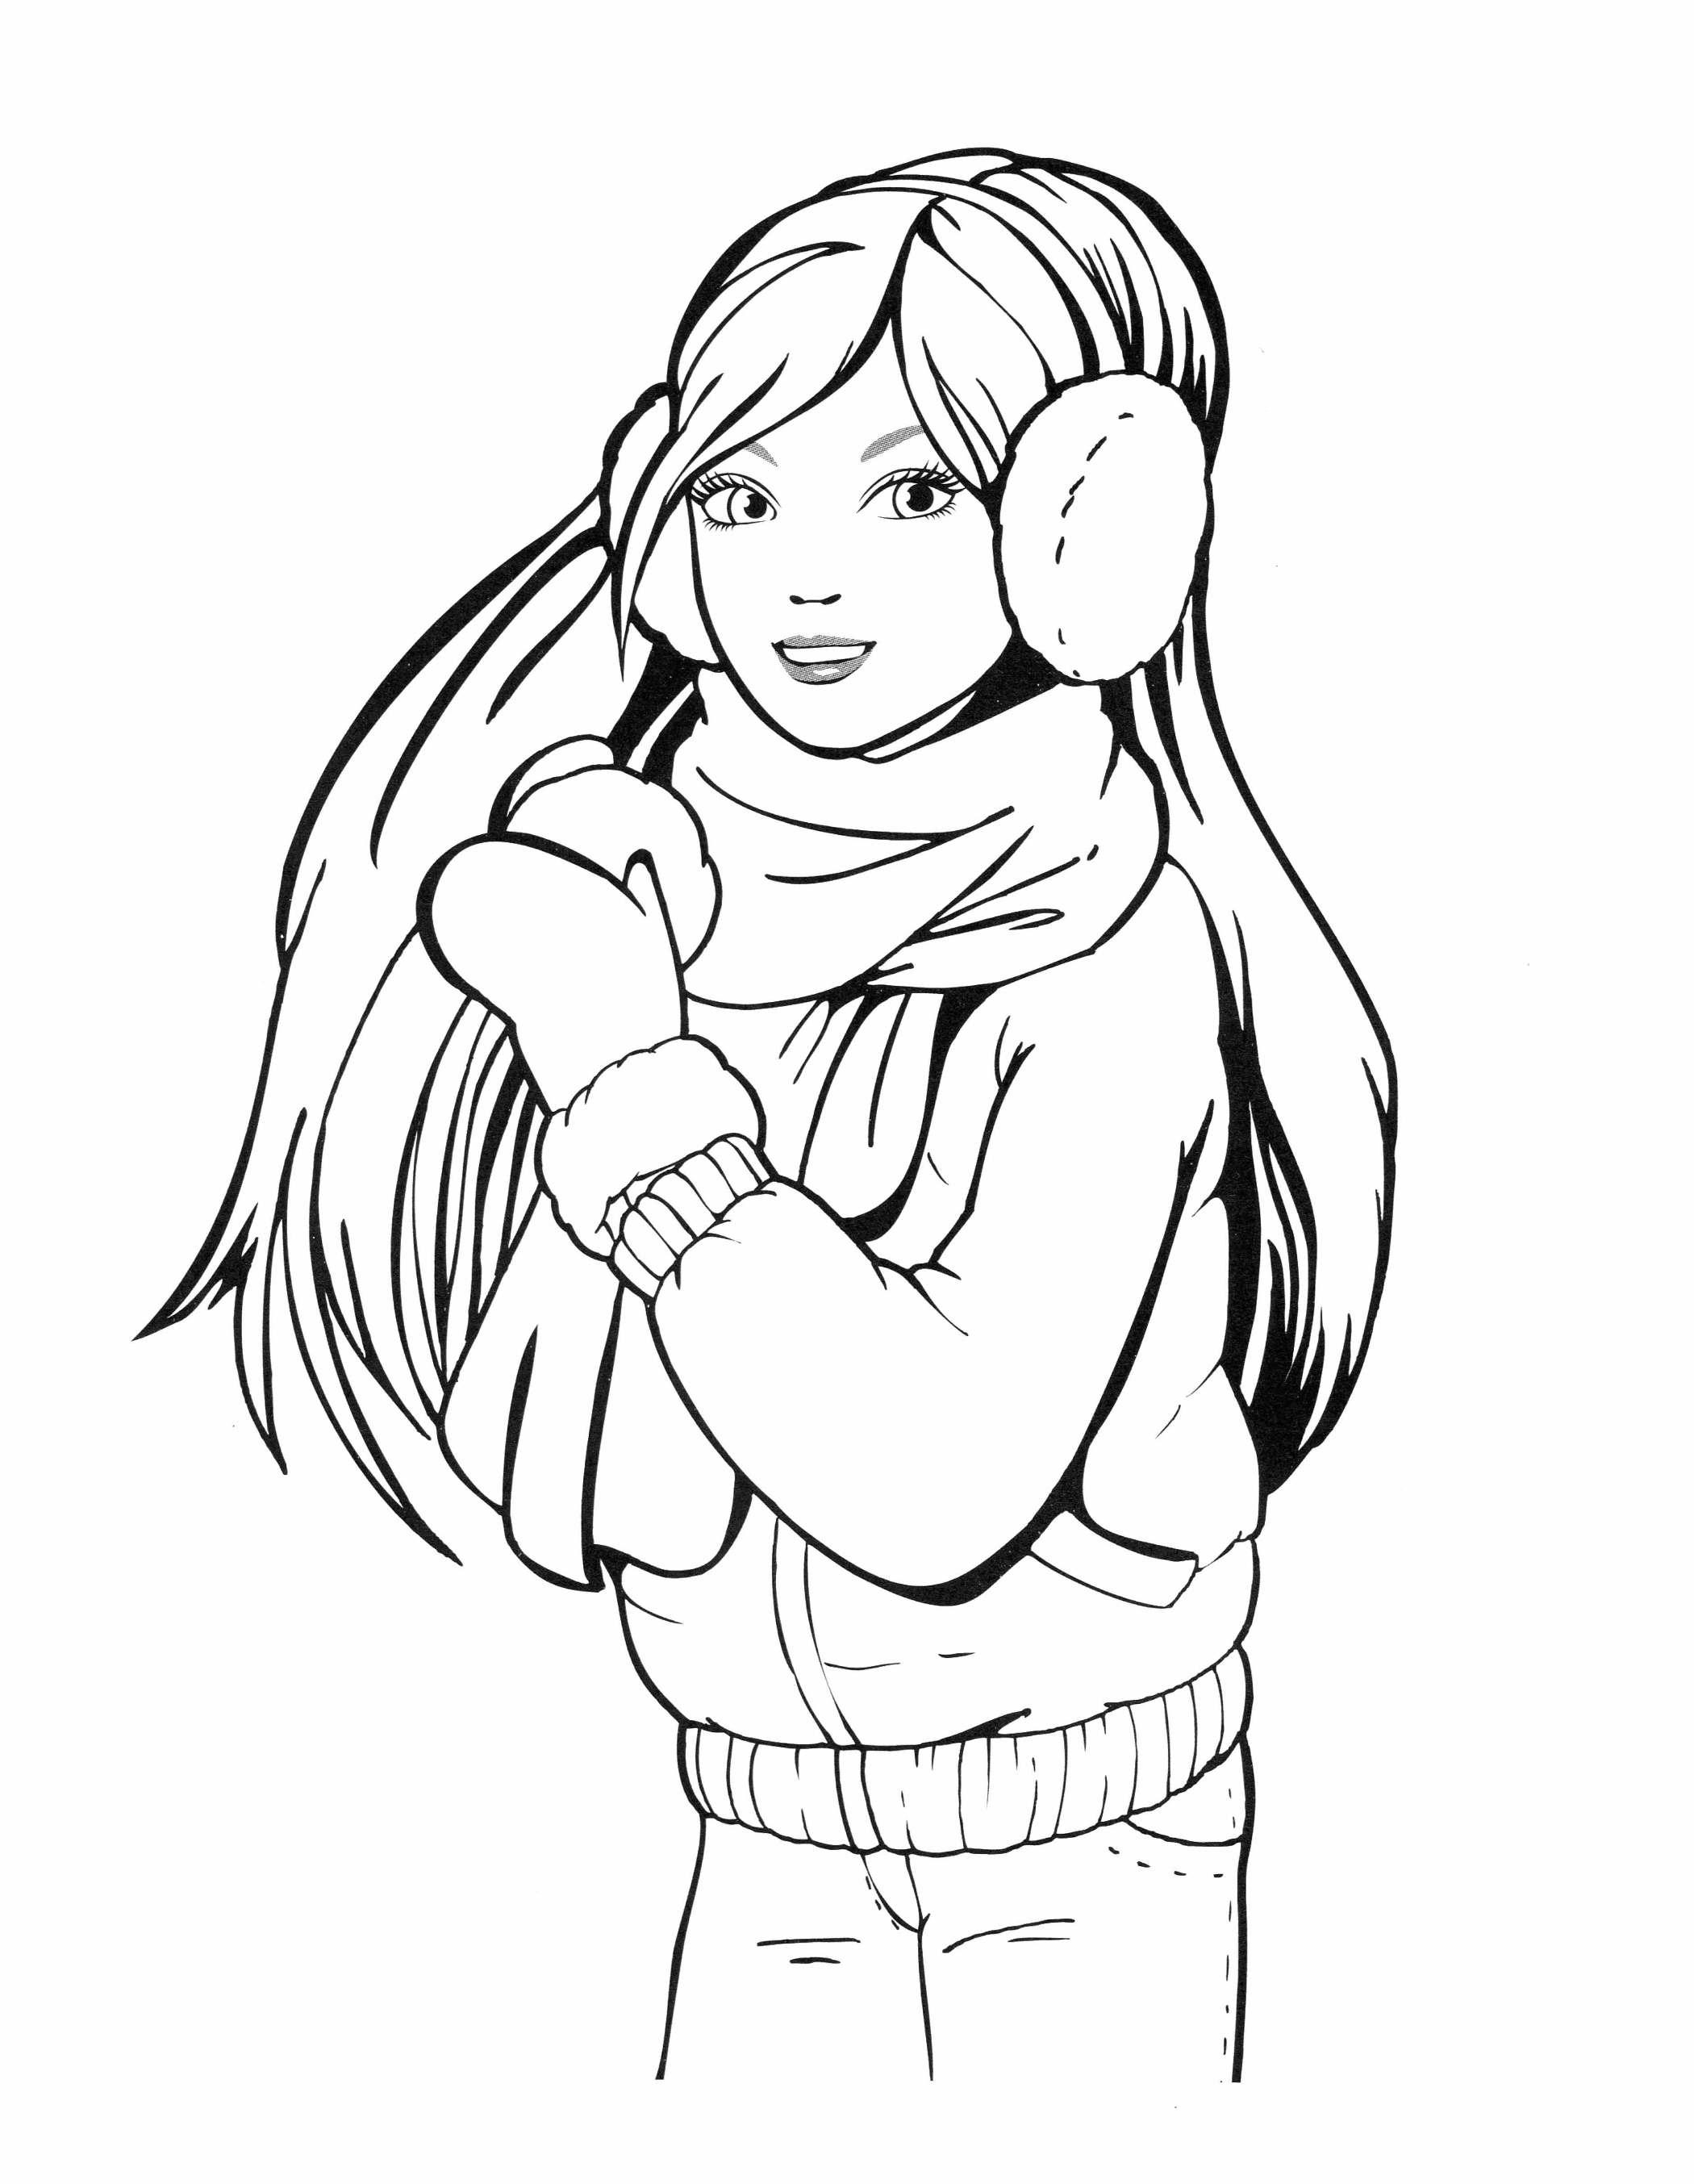 Раскраска для девочек 13 лет распечатать - 2